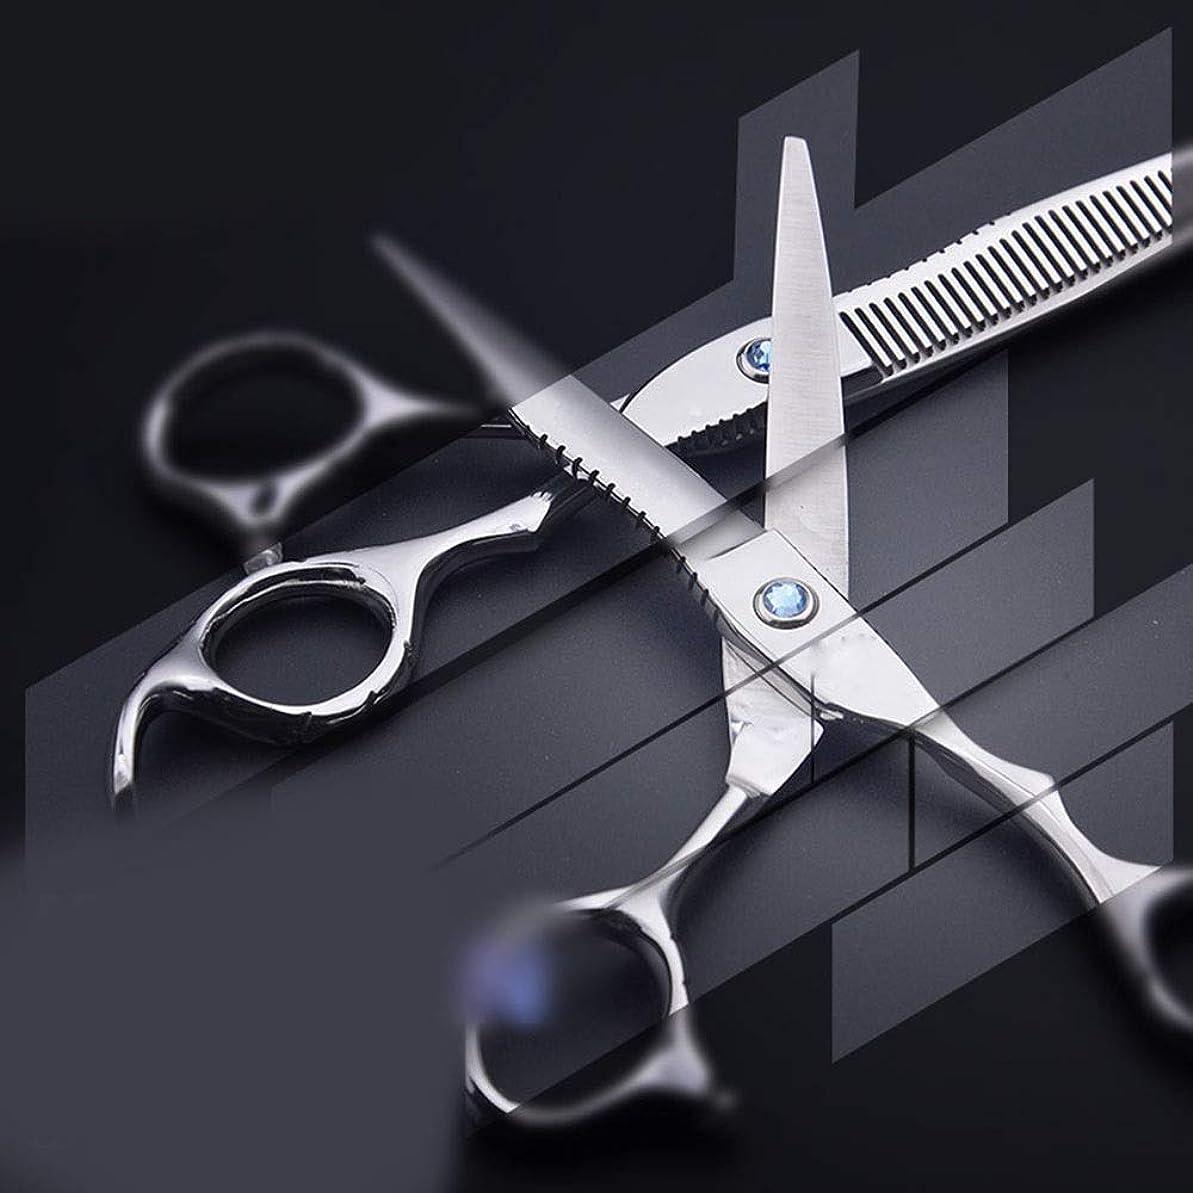 好き影のあるつばJiabei 6.0インチの花のハンドルの専門の理髪はさみ、平らな+歯のせん断理髪はさみ用具はさみ (色 : Silver)